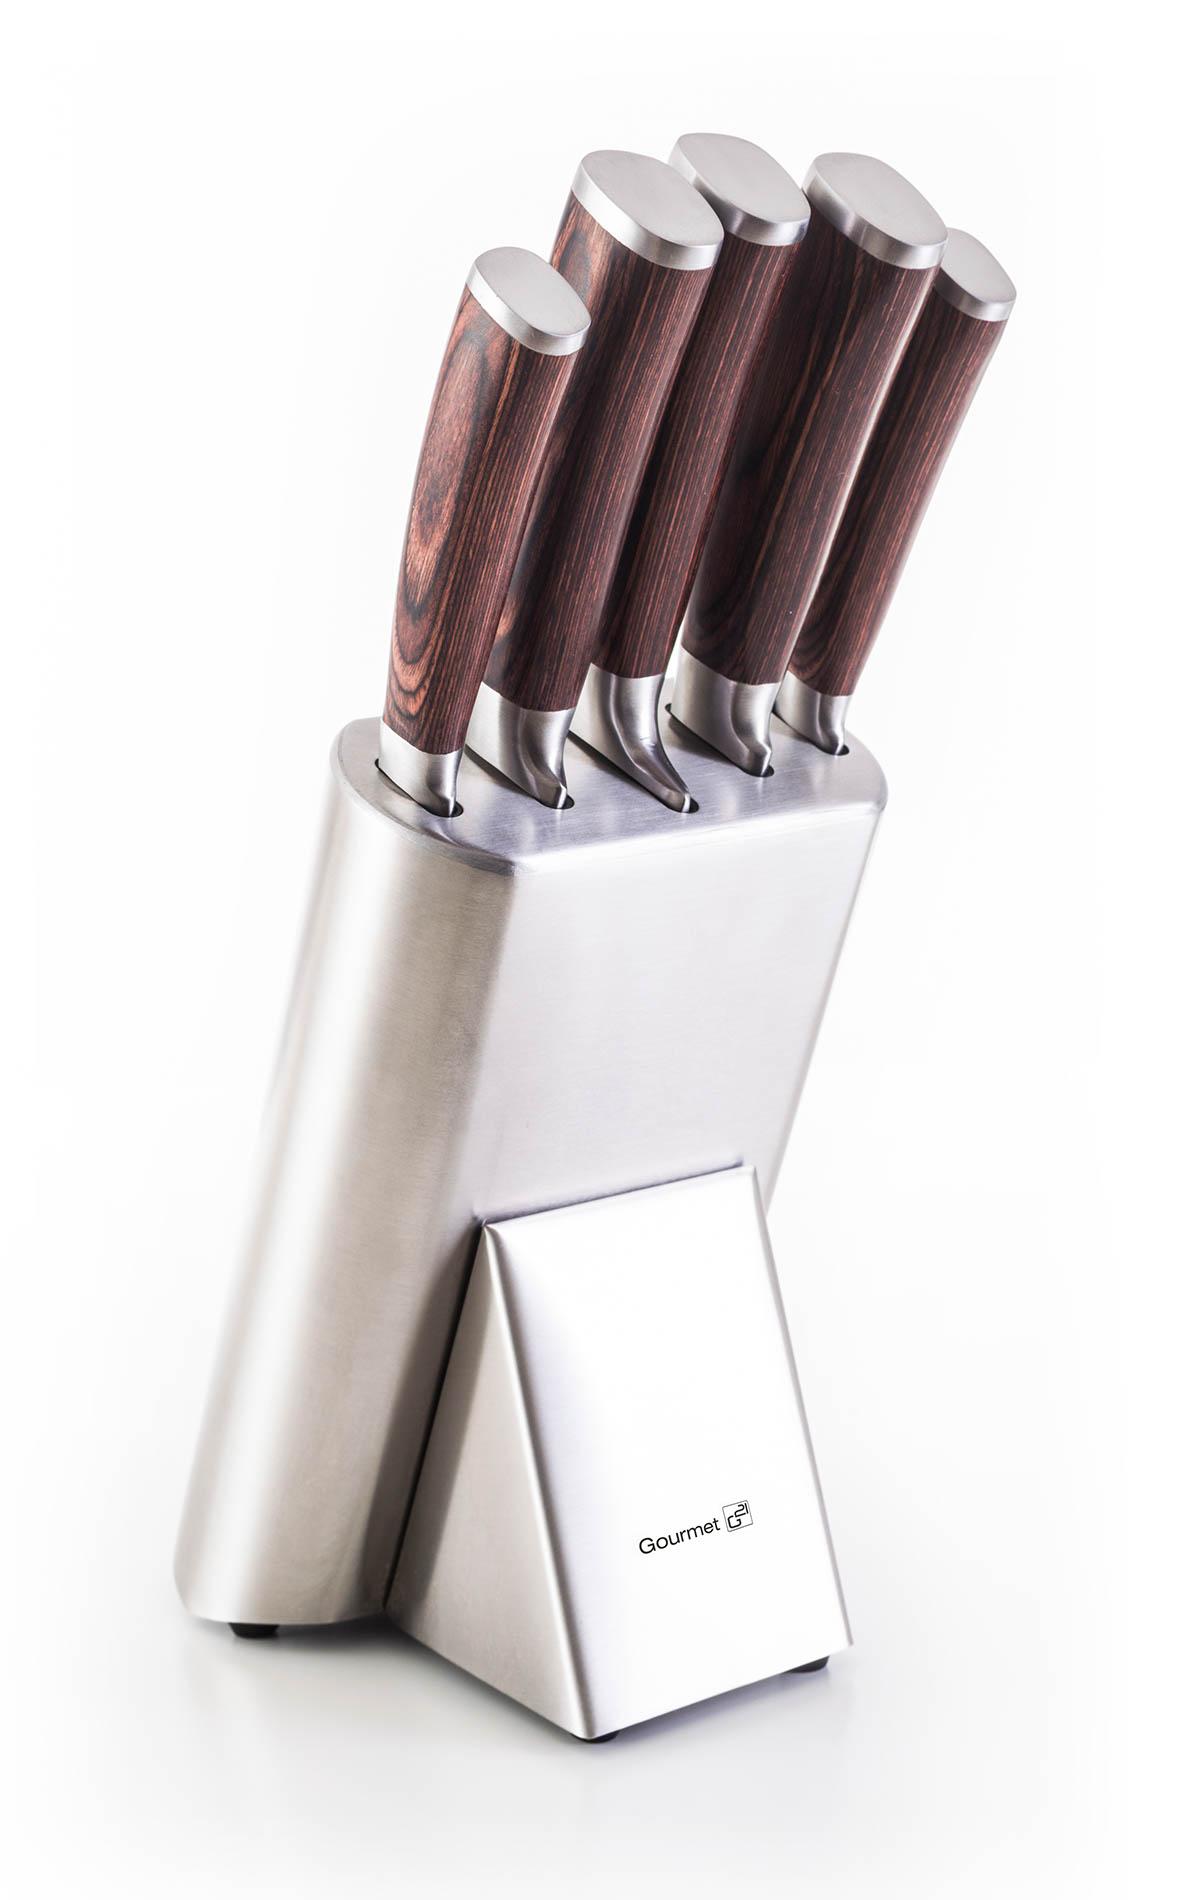 Sada nožů G21 Gourmet Steely 5 ks + nerez blok; NB-P2125 - G21 Sada nožů Gourmet Steely 5 ks